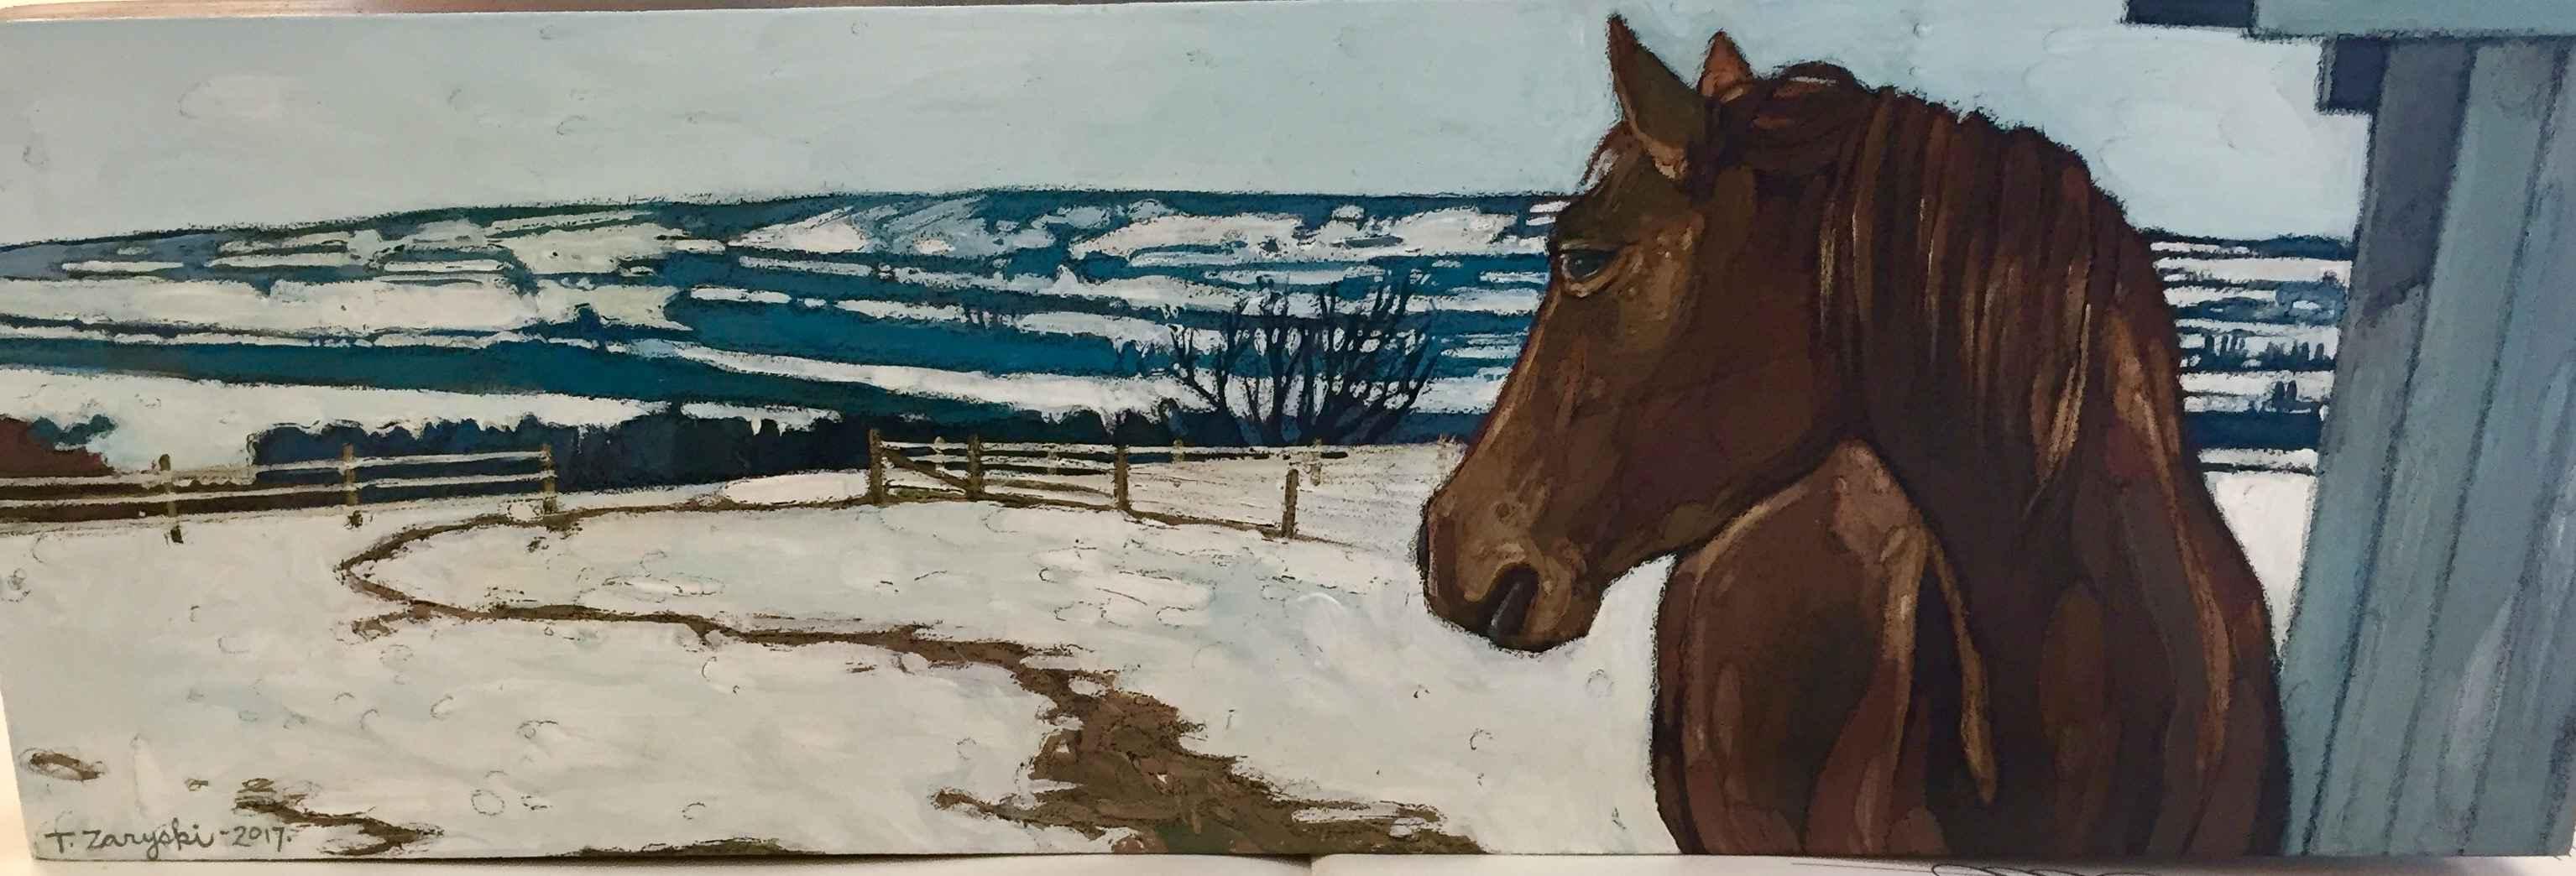 Waiting For Spring by  Tanya Zaryski - Masterpiece Online